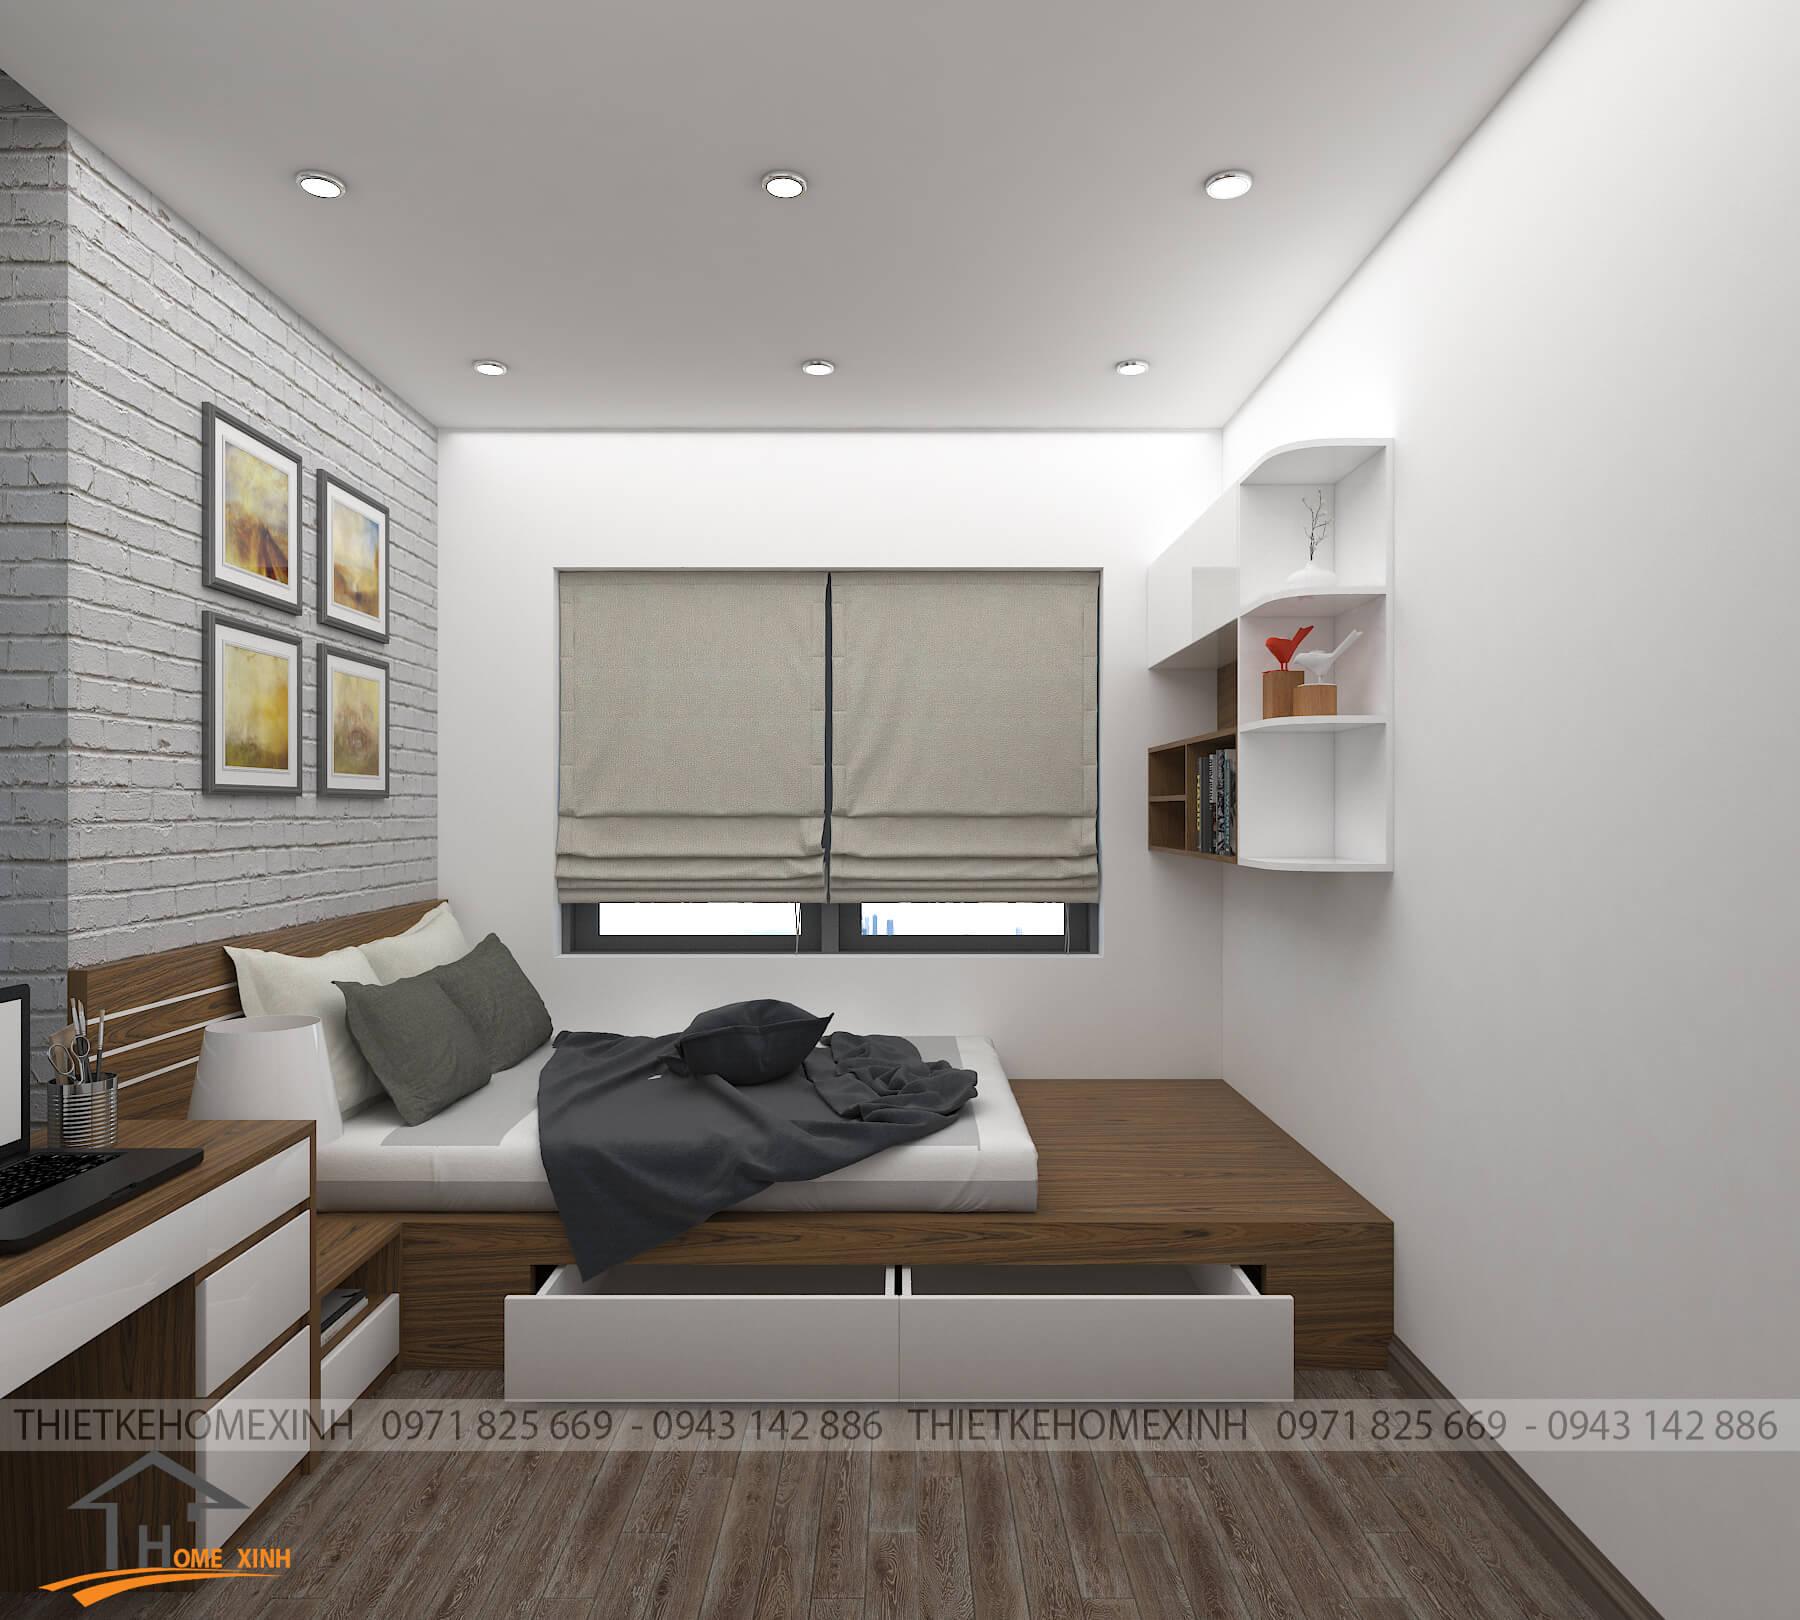 Phòng ngủ chung cư thoáng đãng